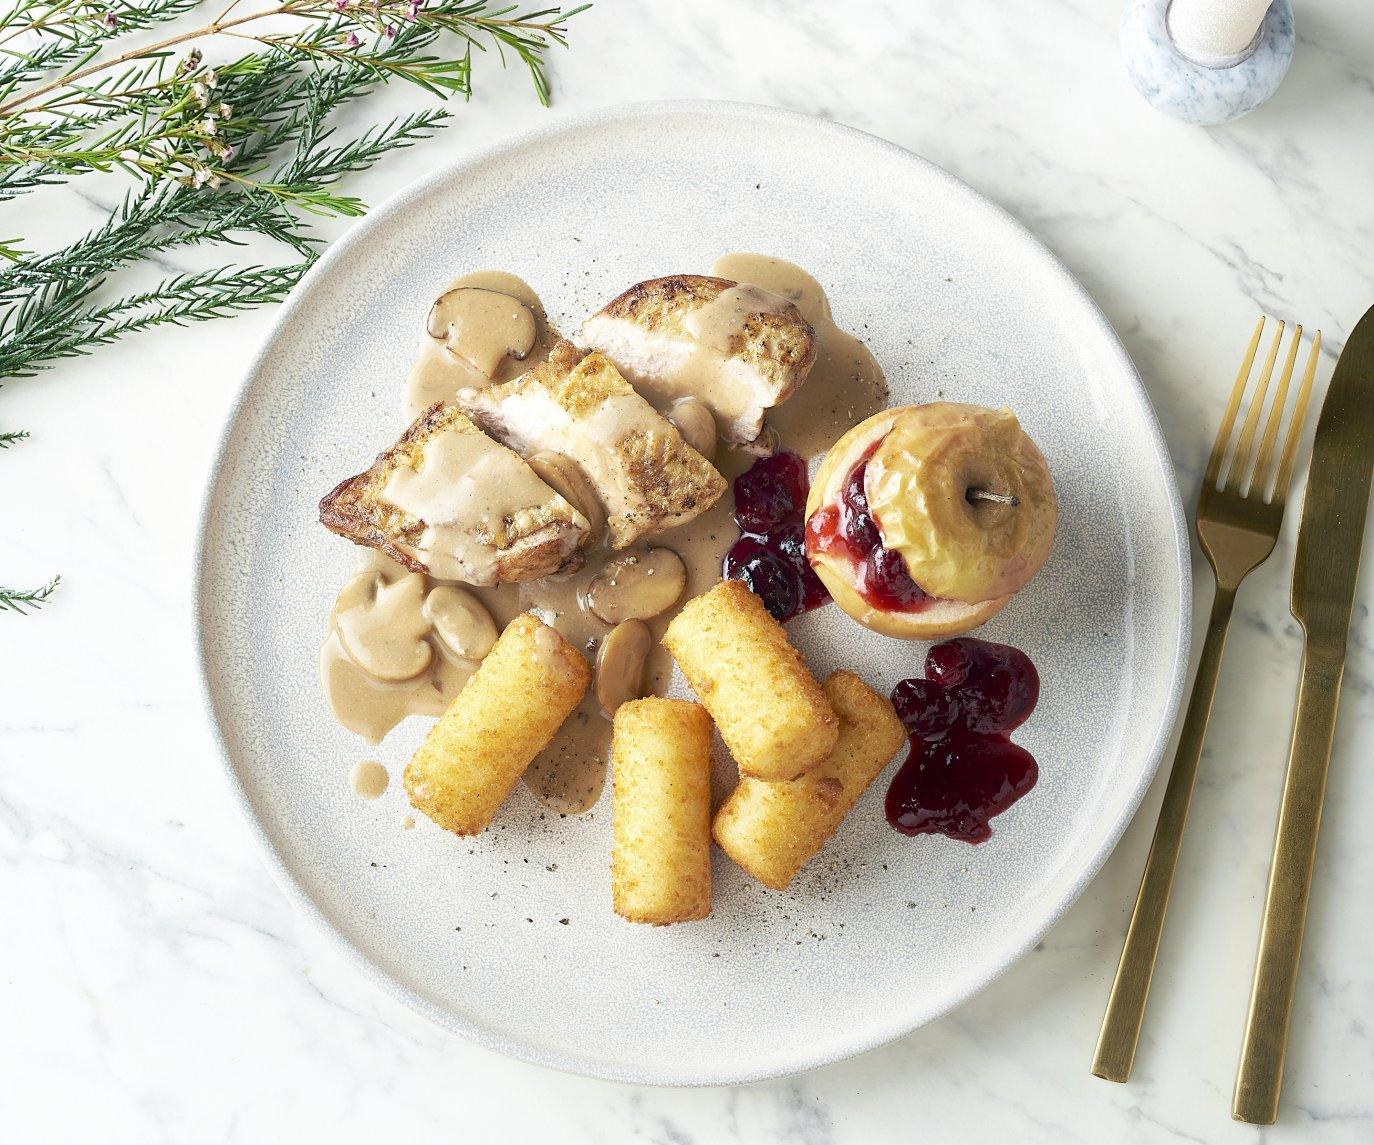 Parelhoenfilet met champignonsaus, appeltje met veenbessen en kroketjes